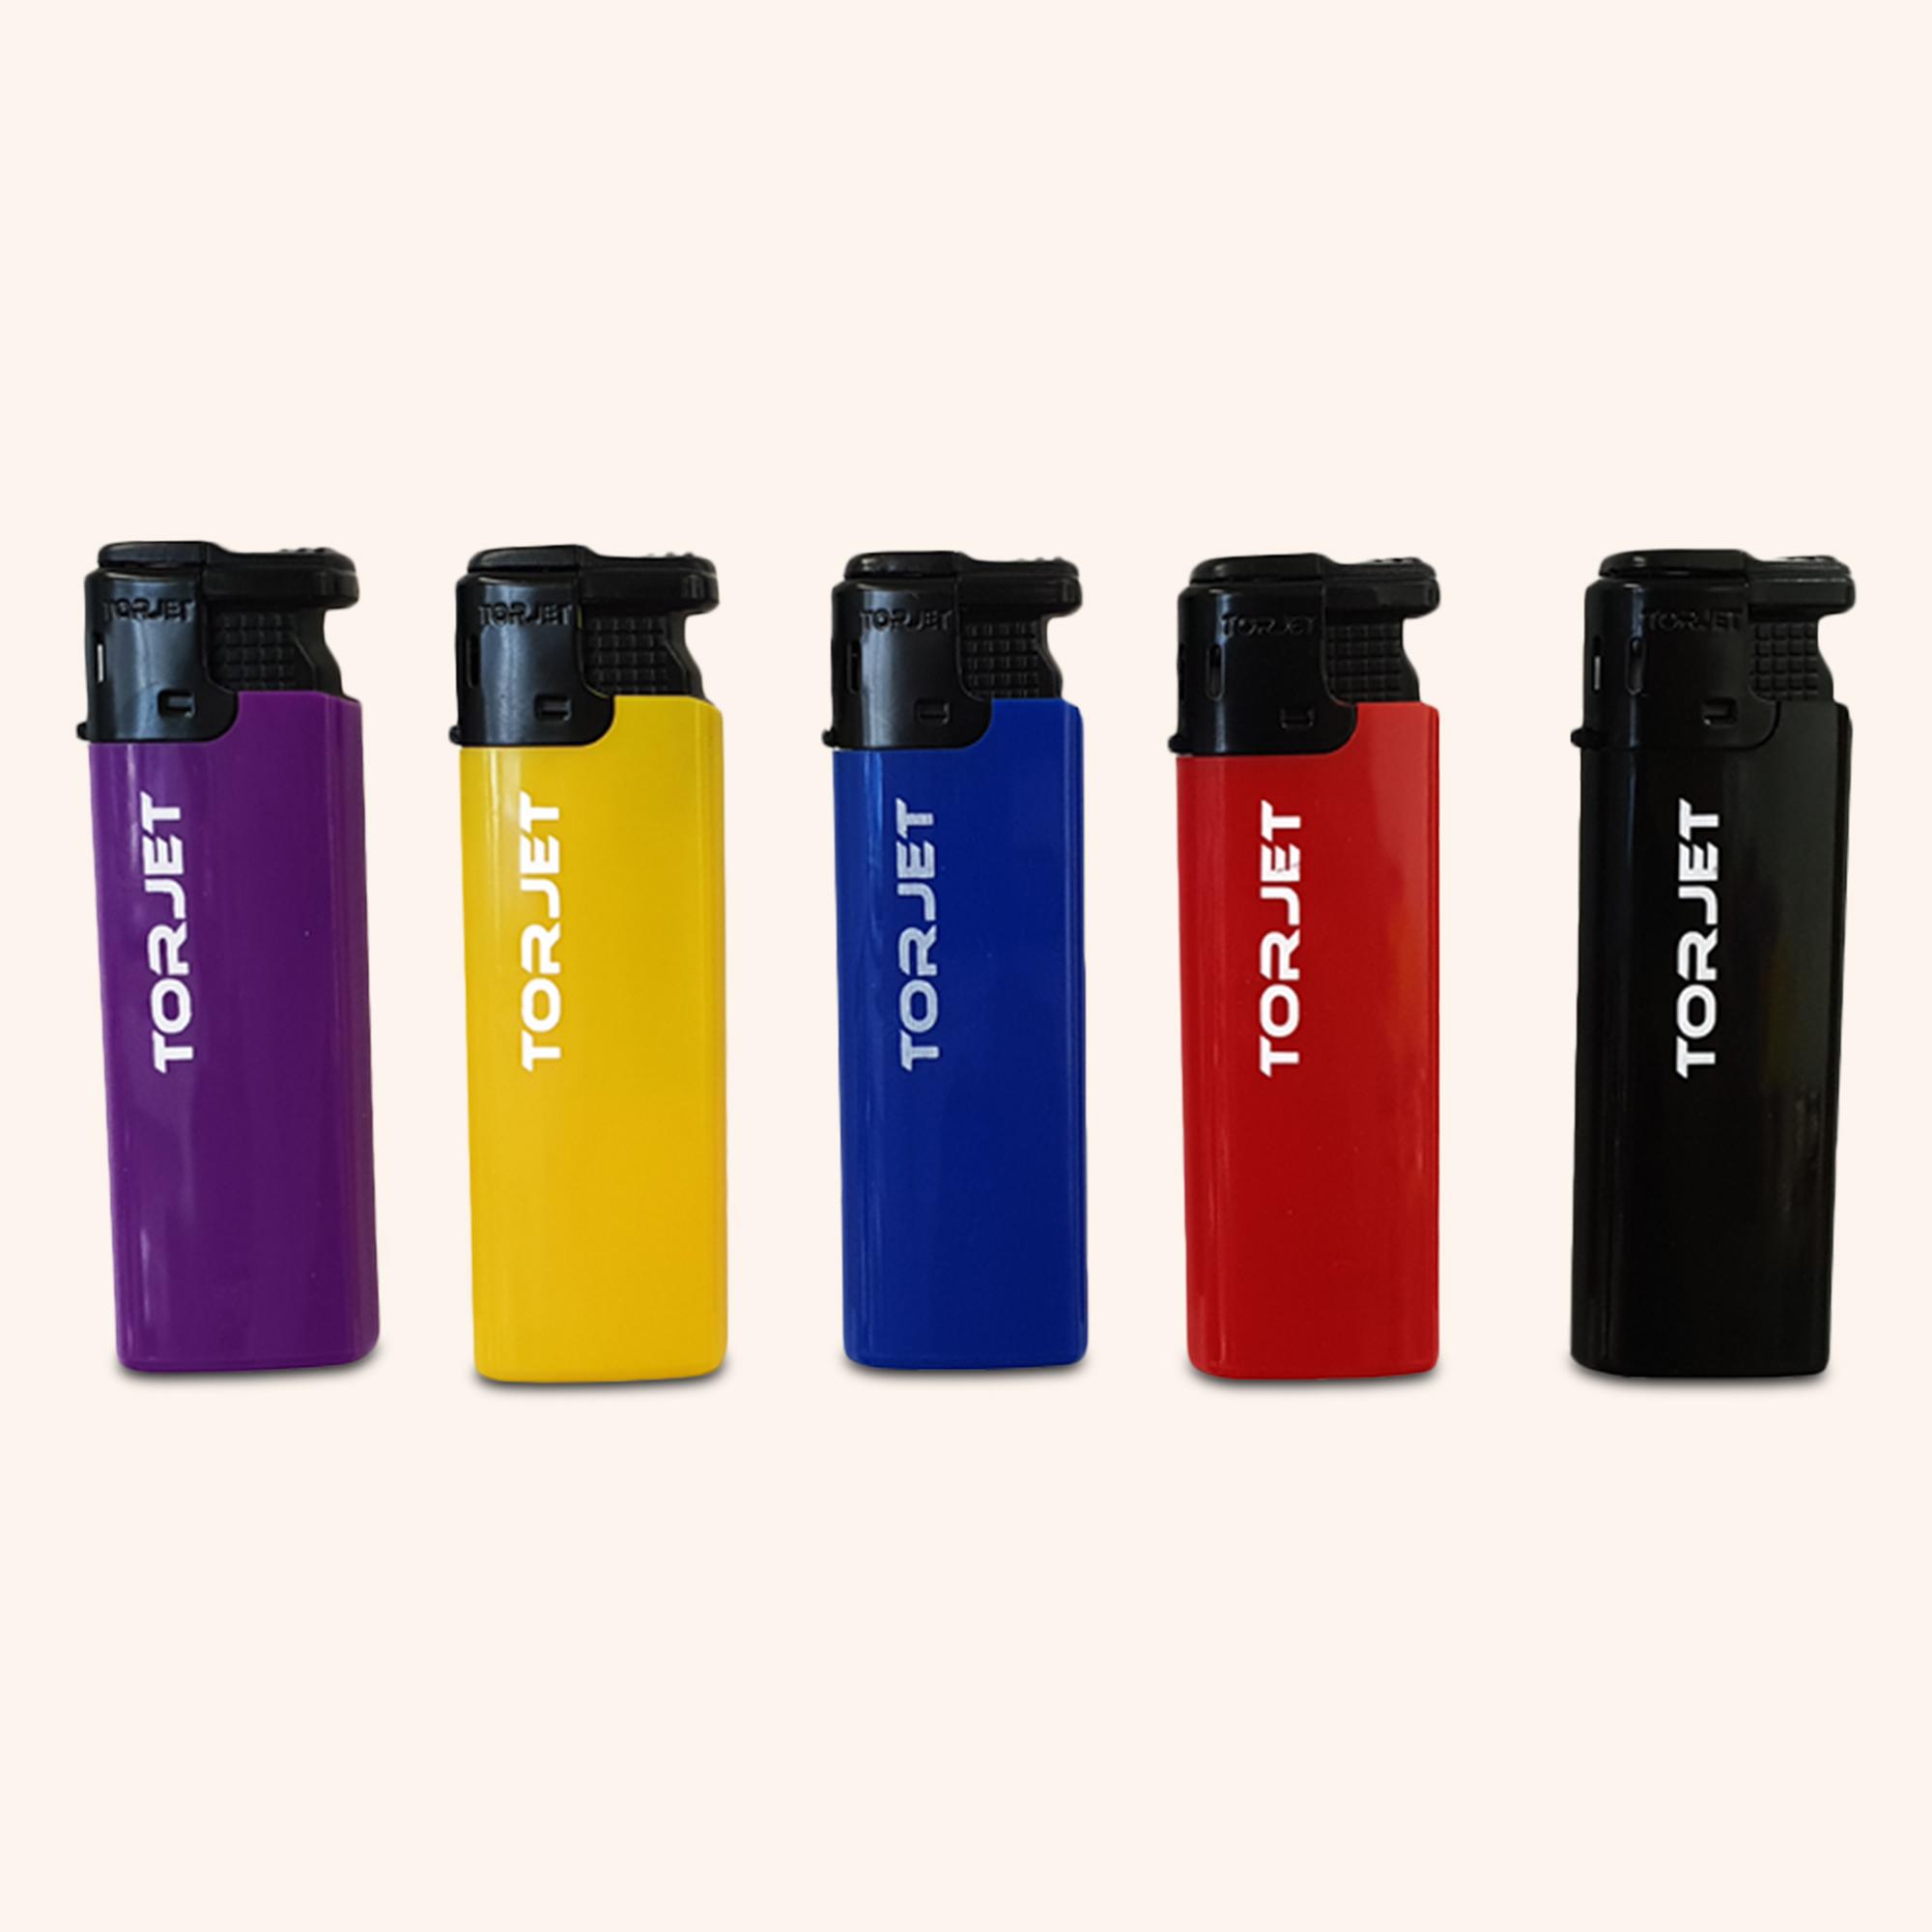 Torjet Turbo Windproof Lighters